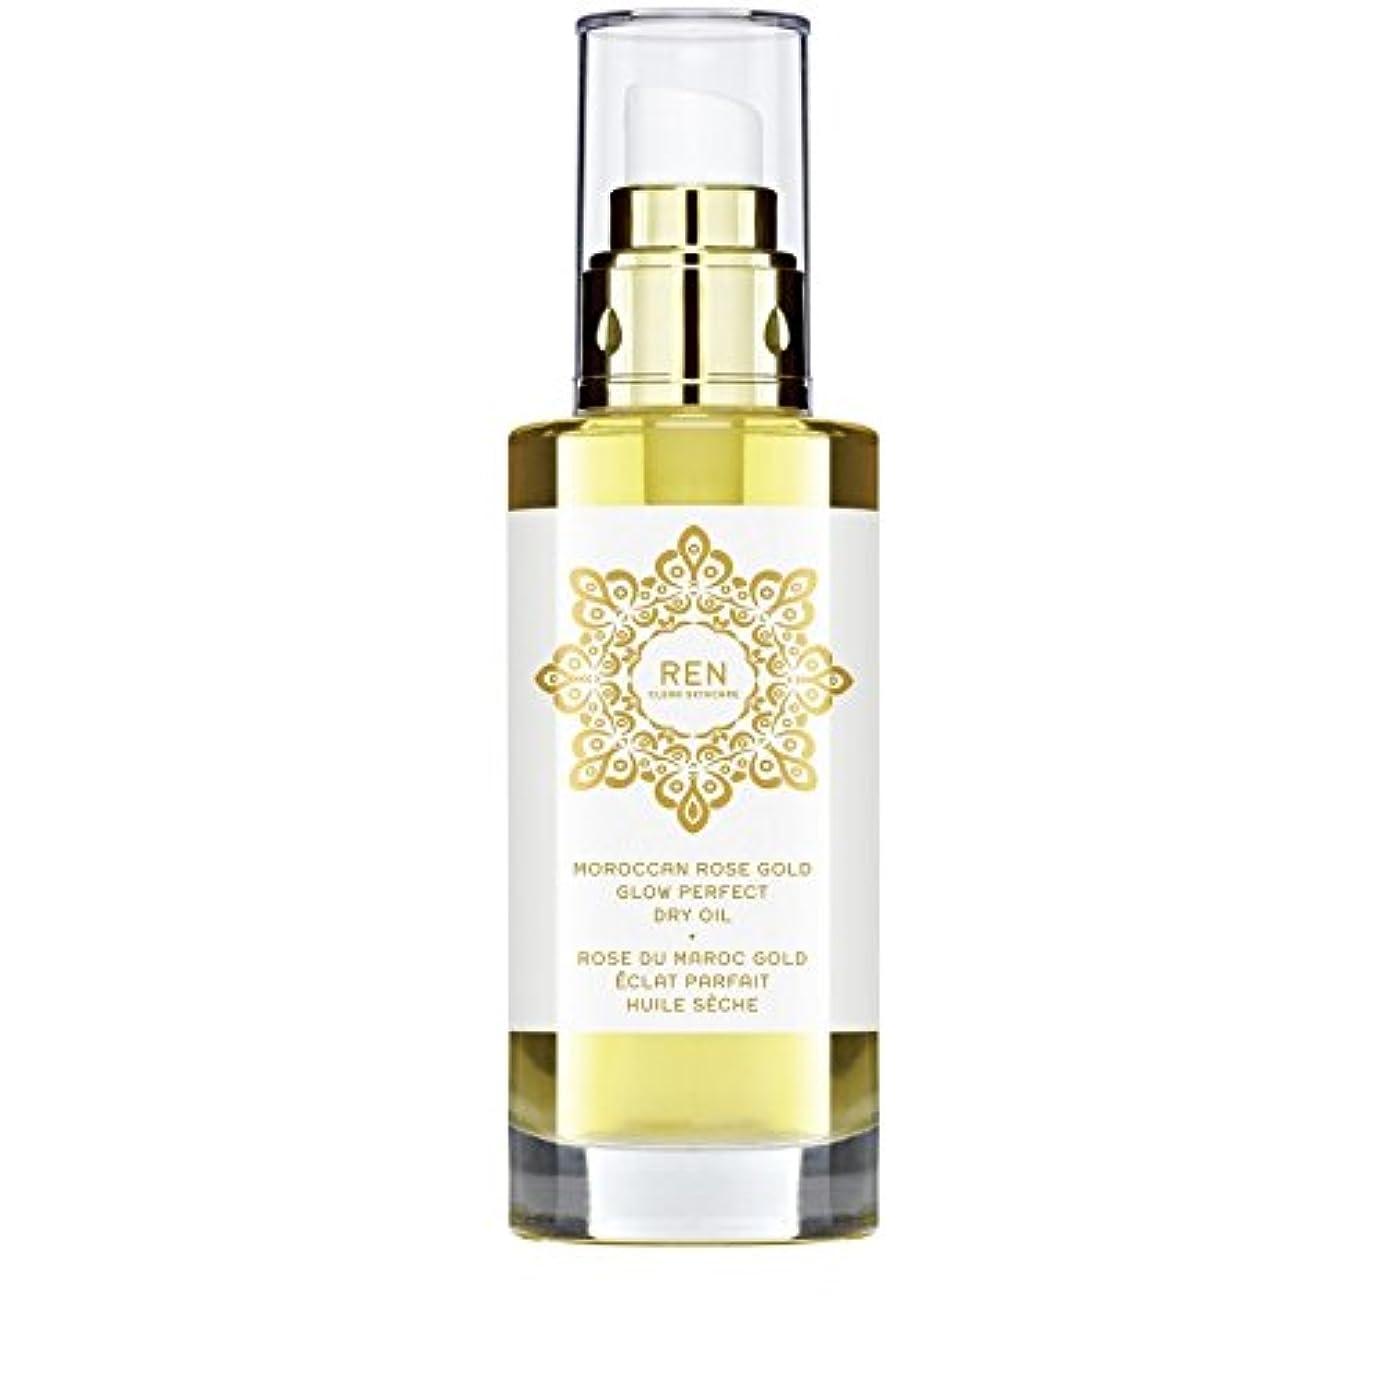 シェルター尊厳ドアミラーモロッコは金が完璧なドライオイル100ミリリットルグローバラ x4 - REN Moroccan Rose Gold Glow Perfect Dry Oil 100ml (Pack of 4) [並行輸入品]